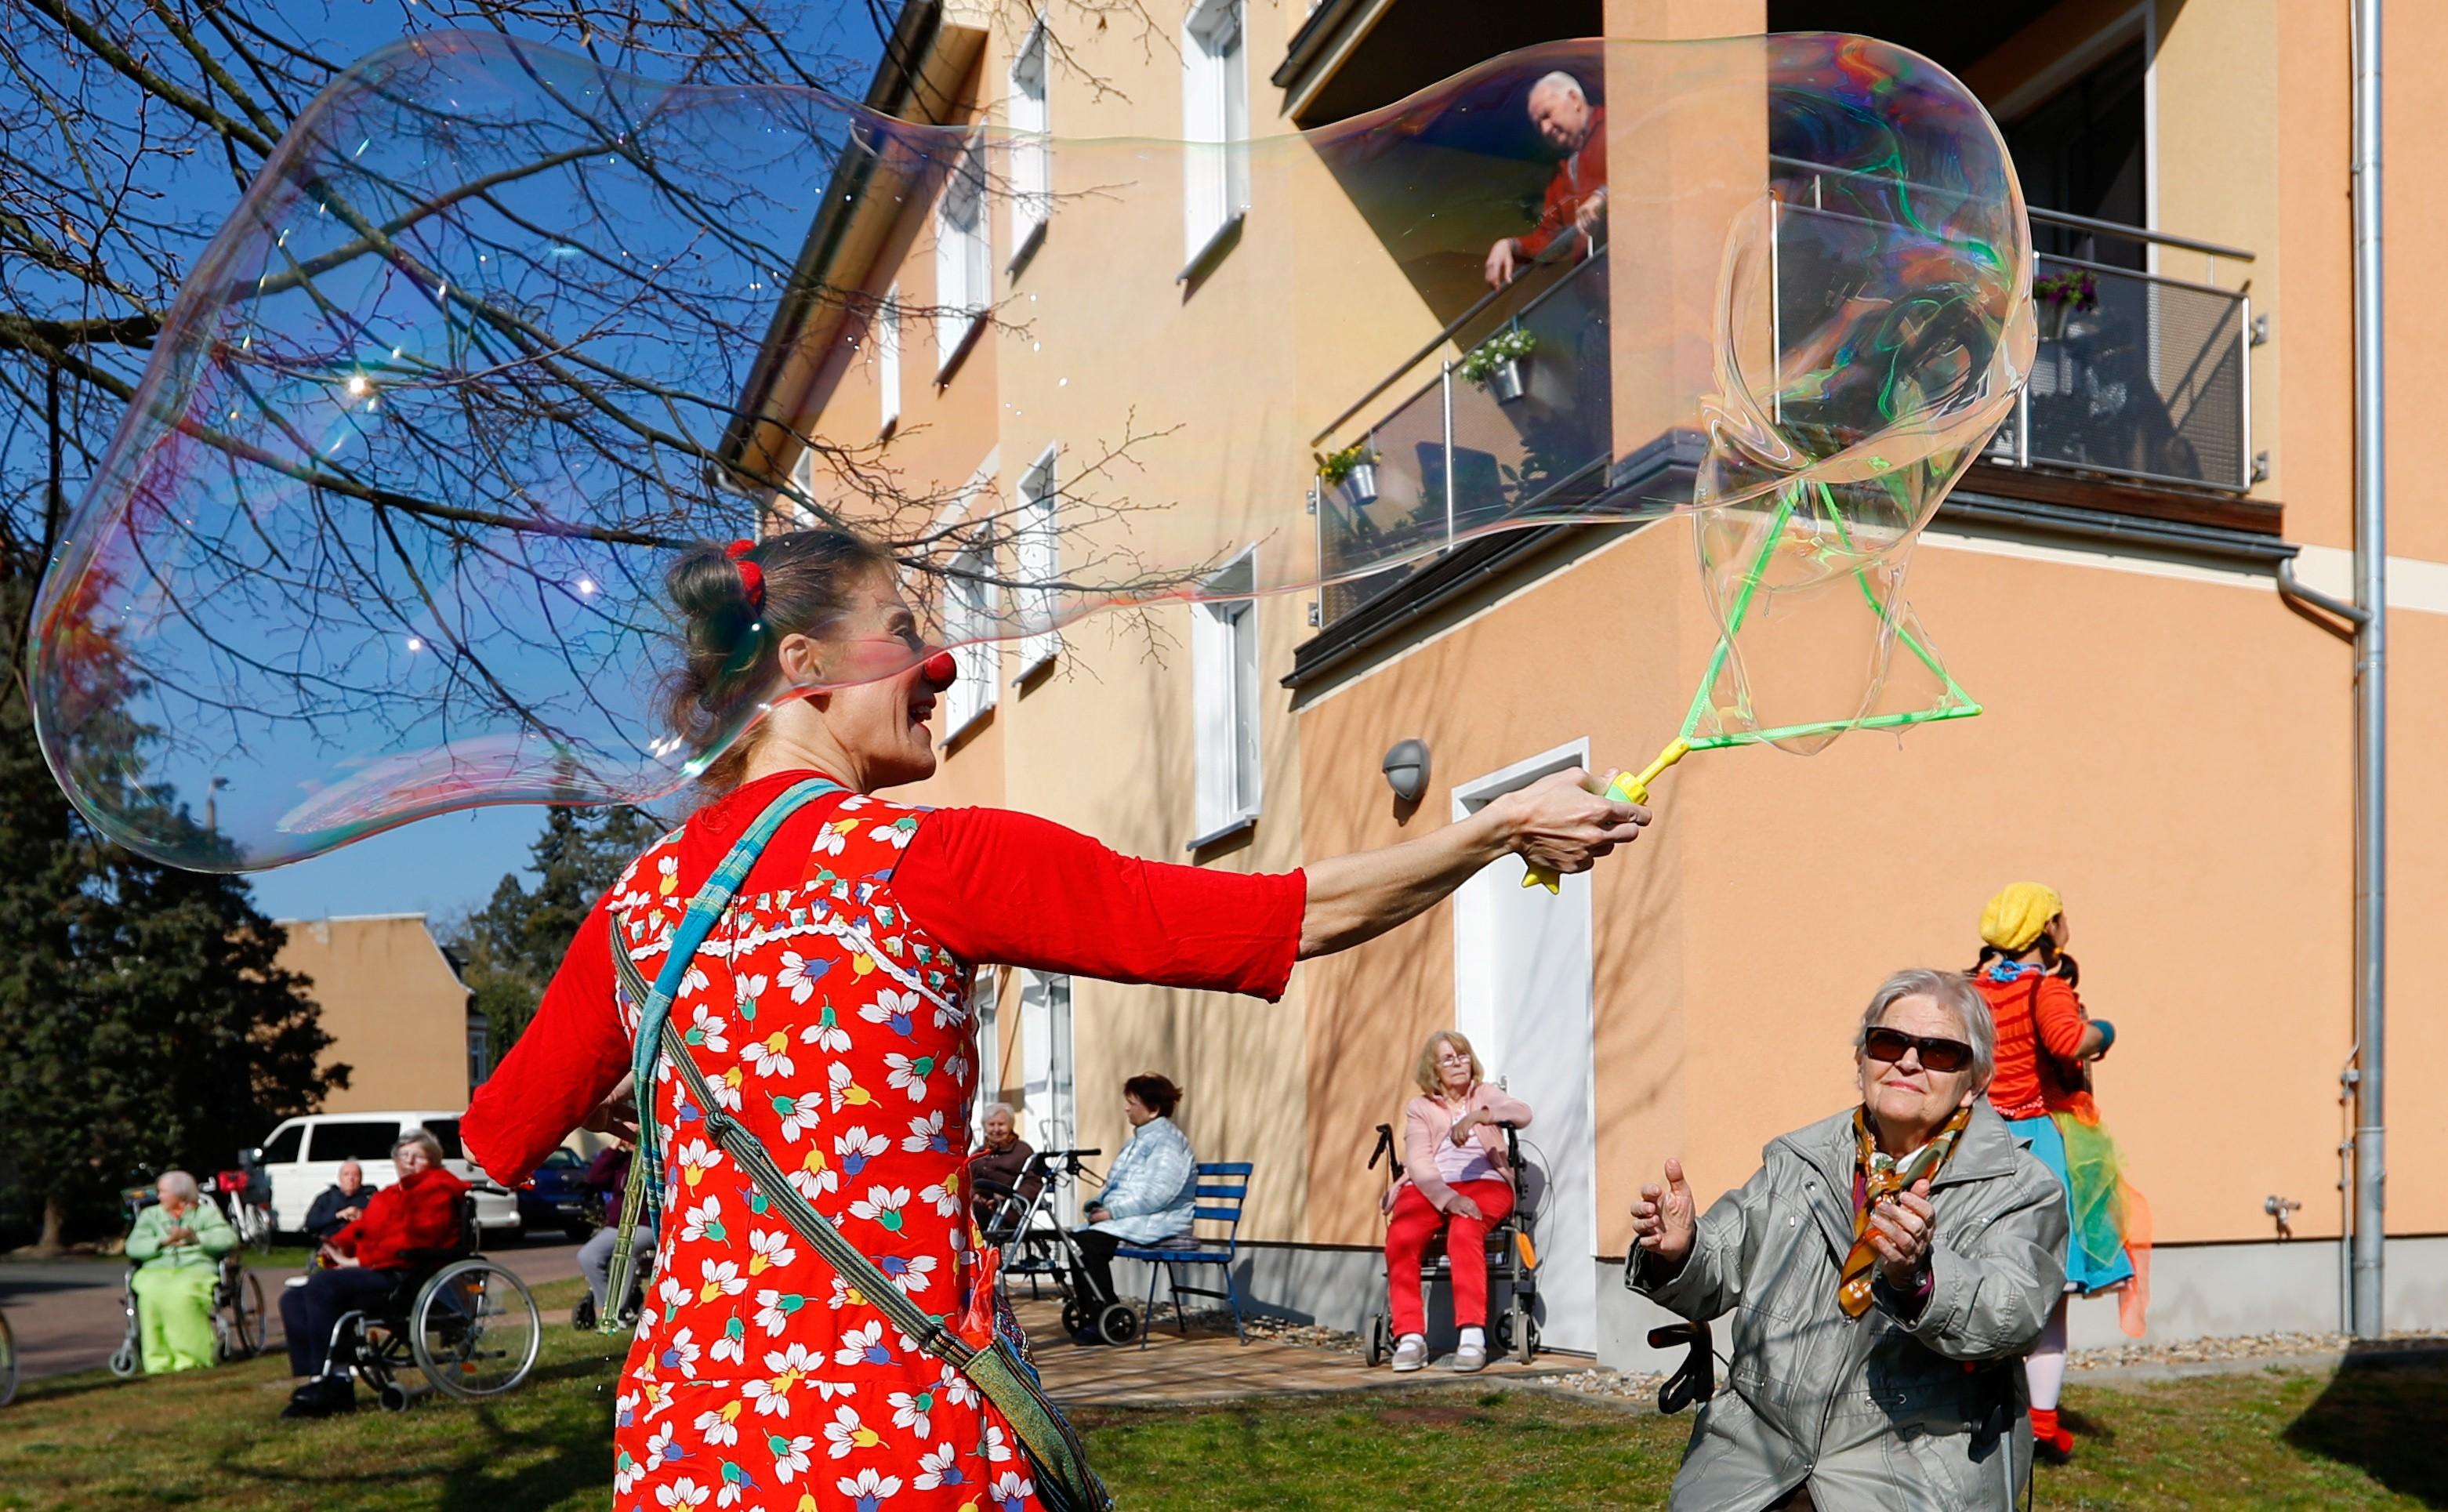 Palhaços divertem idosos alemães do lado de fora de asilos durante pandemia de coronavírus